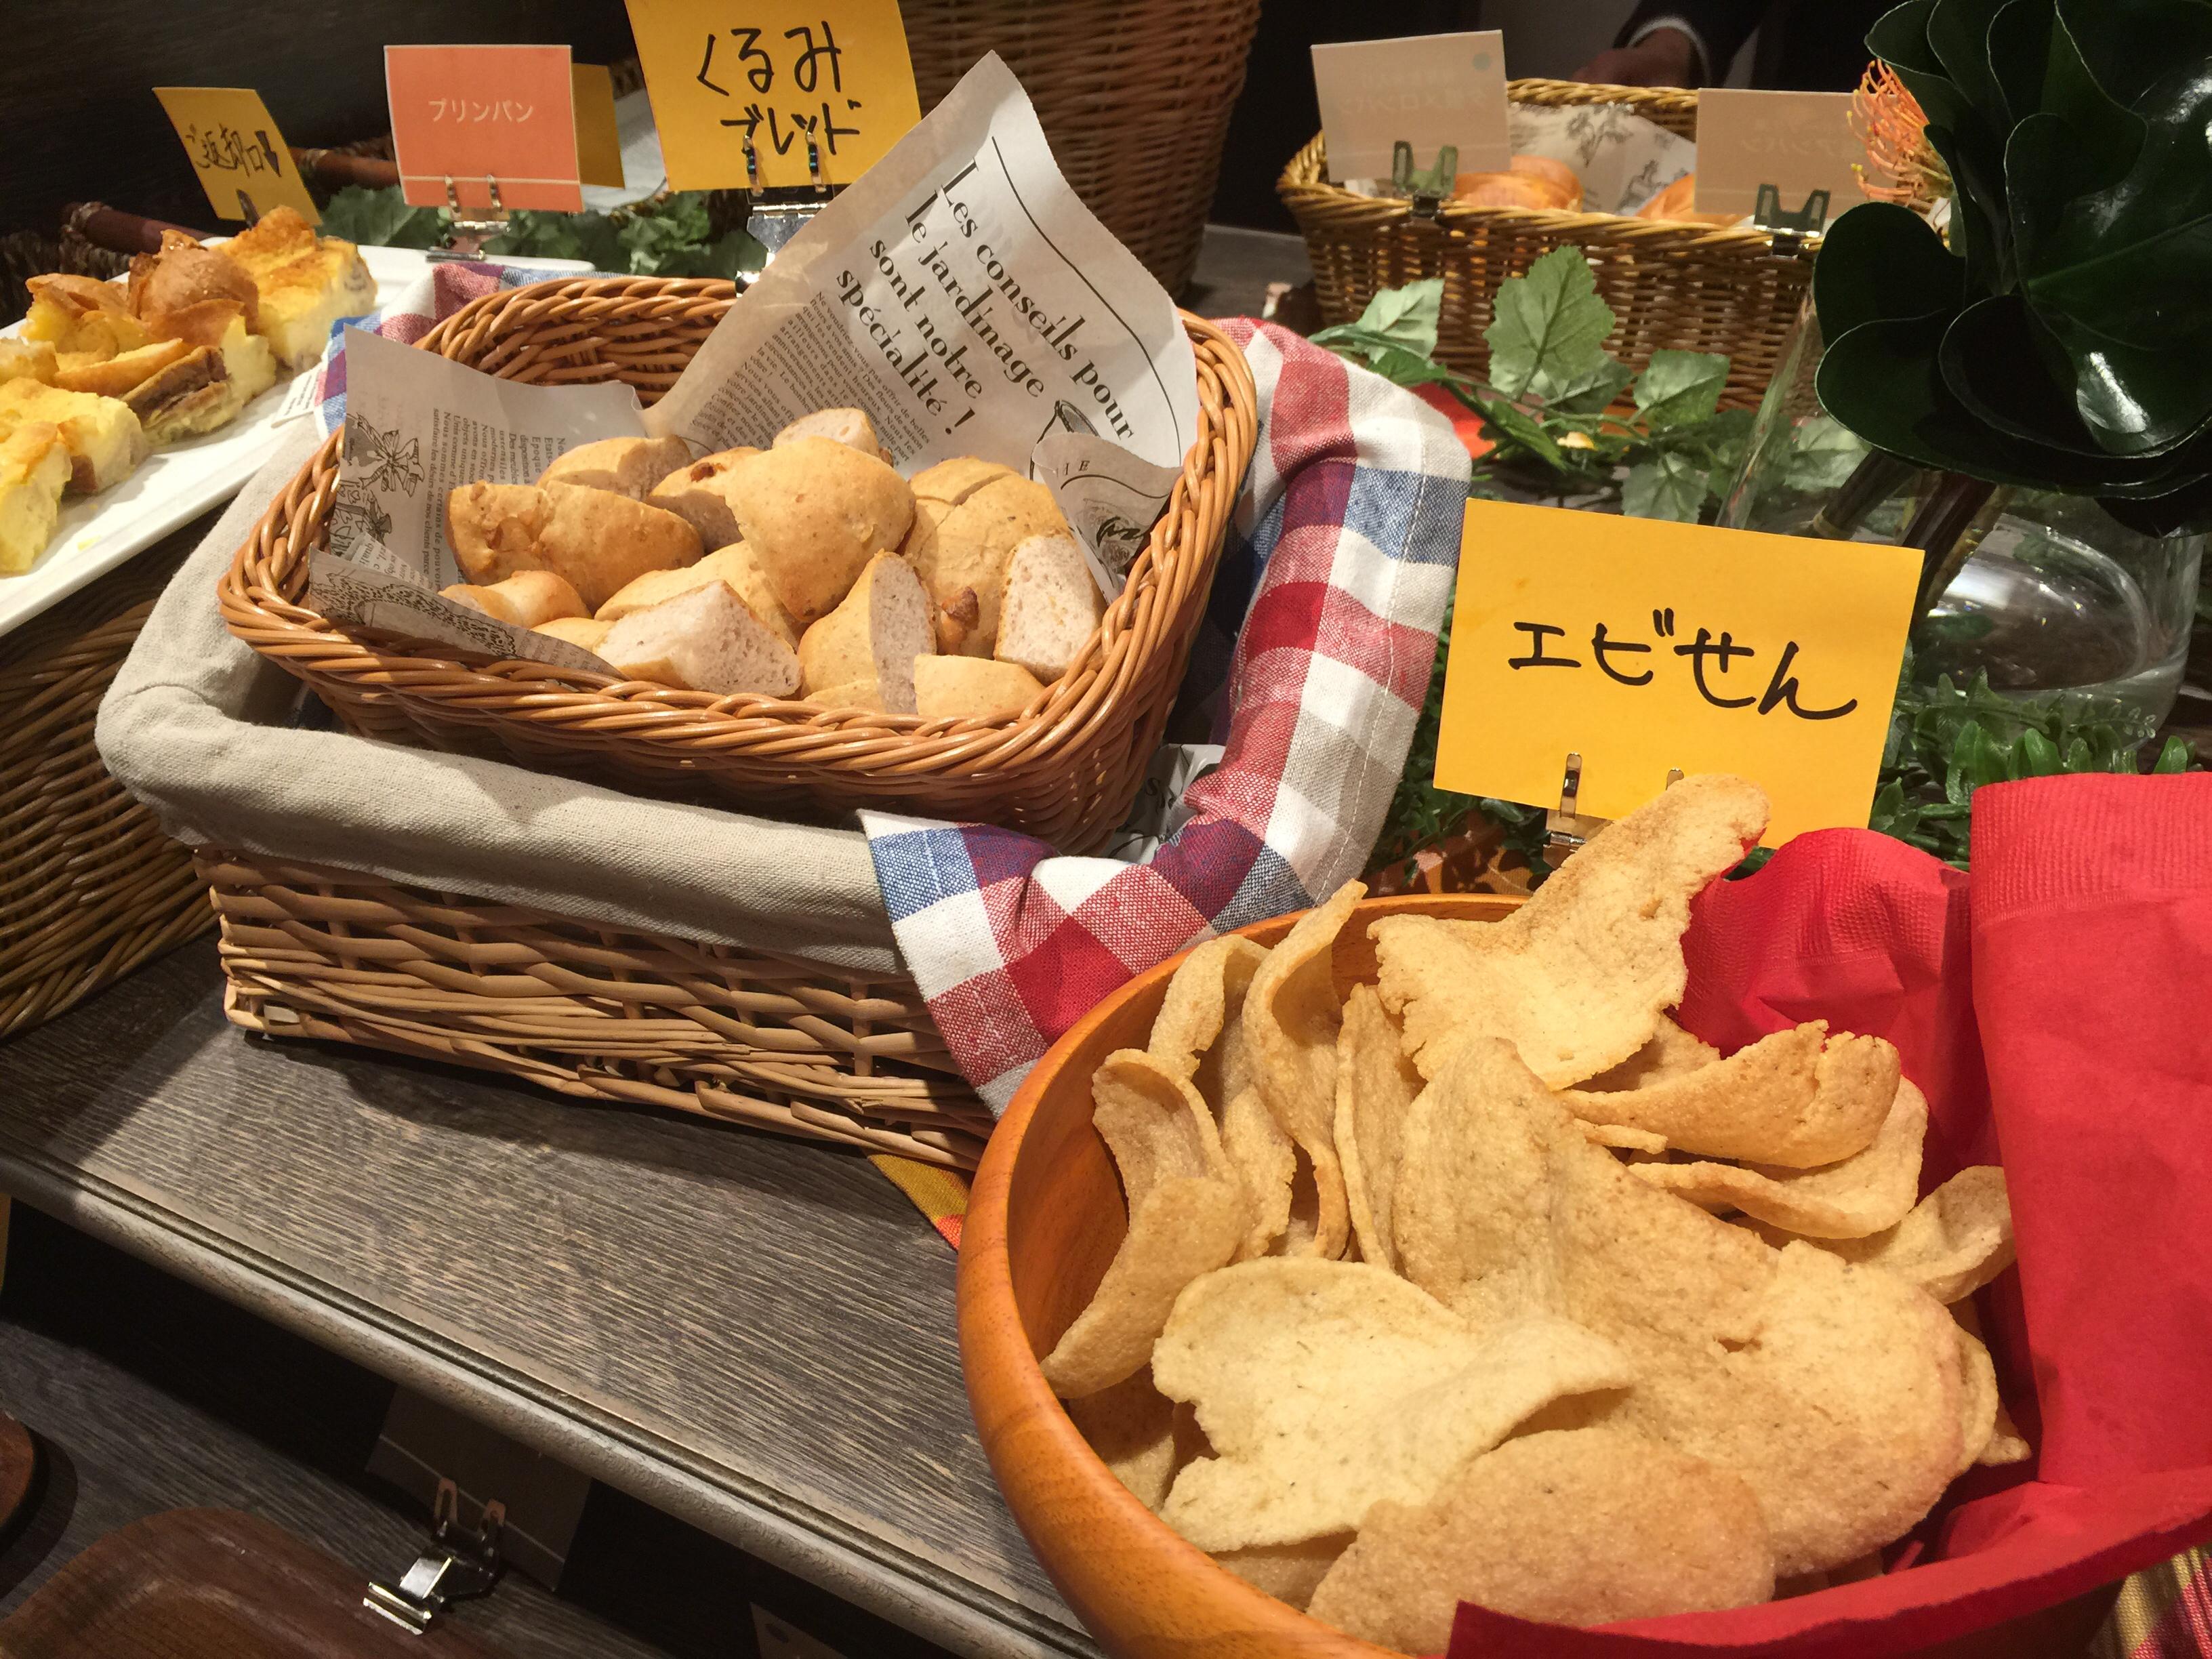 新宿、中村屋ビル内のアジアンカフェ「CAFE RAMBUTAN」のランチが美味しいパン食べ放題などで満足度高し!